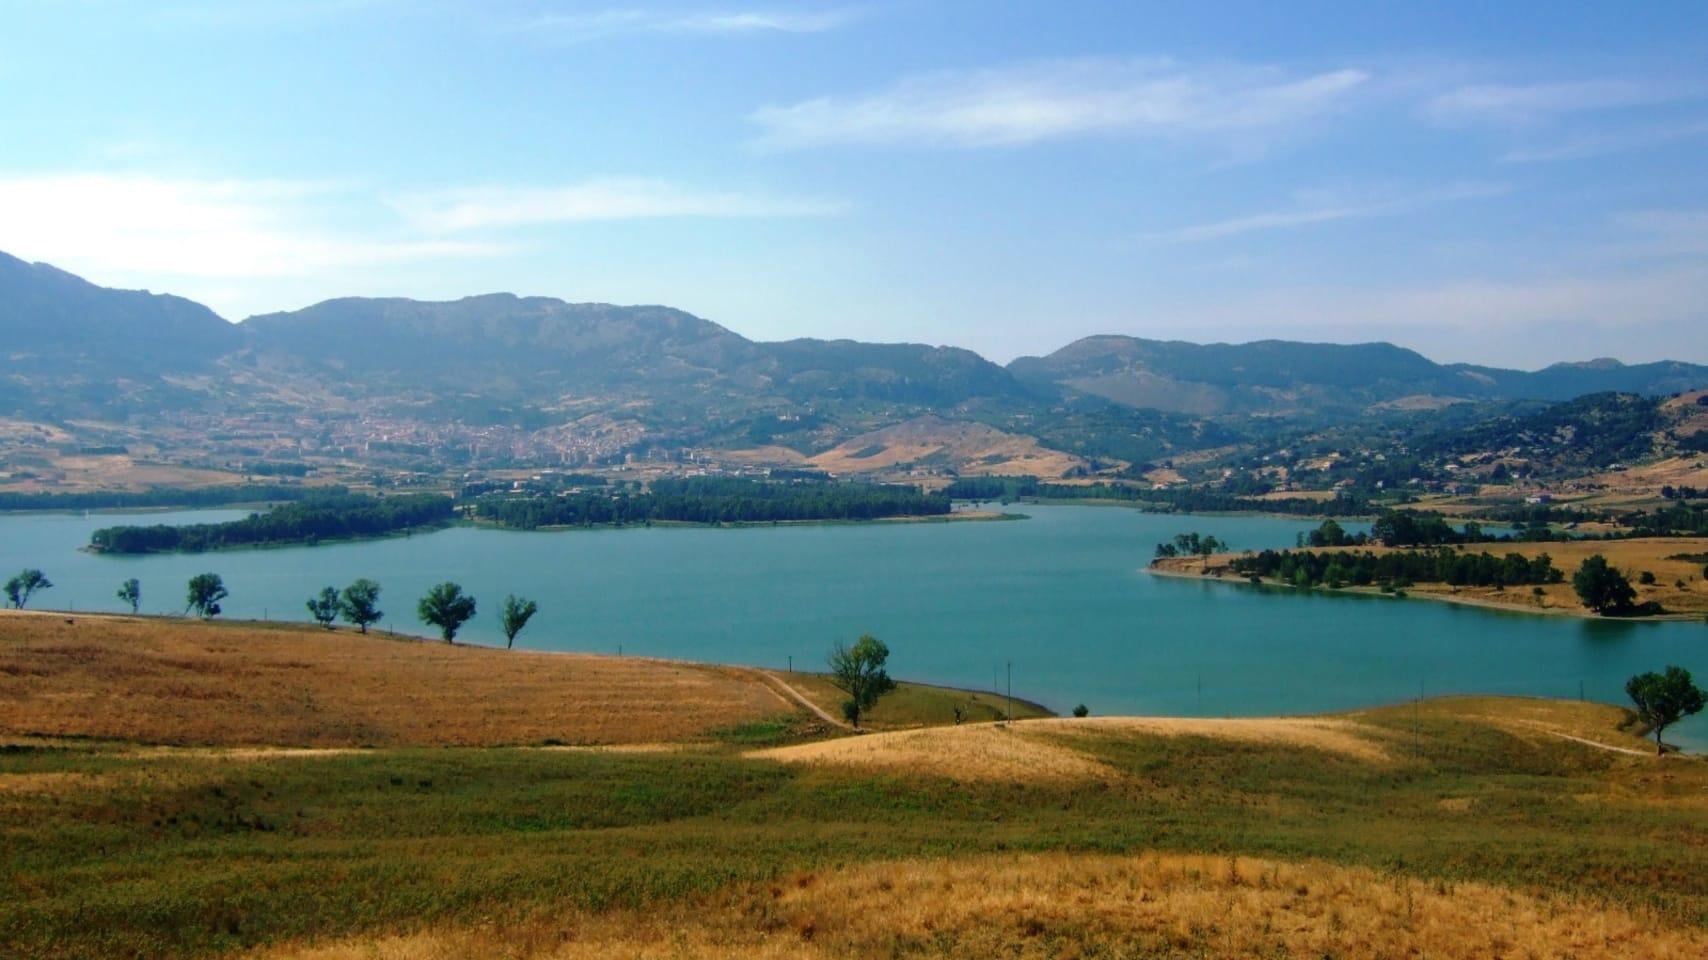 CityXcape - Lago di Piana degli Albanesi